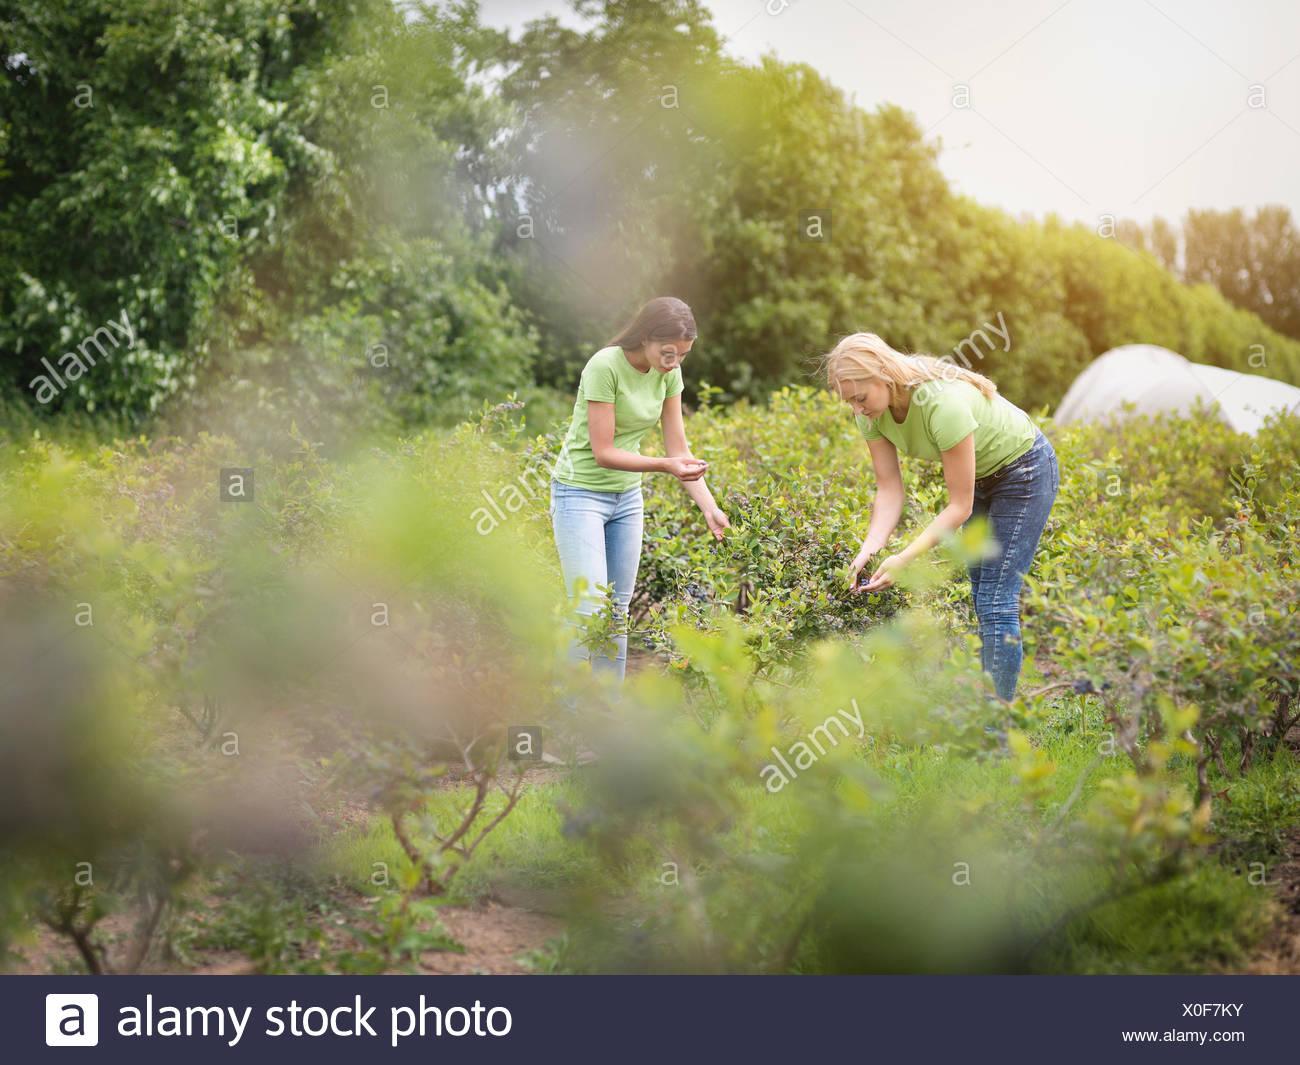 Los trabajadores que se encargan de recoger arándanos en granja de frutas Imagen De Stock